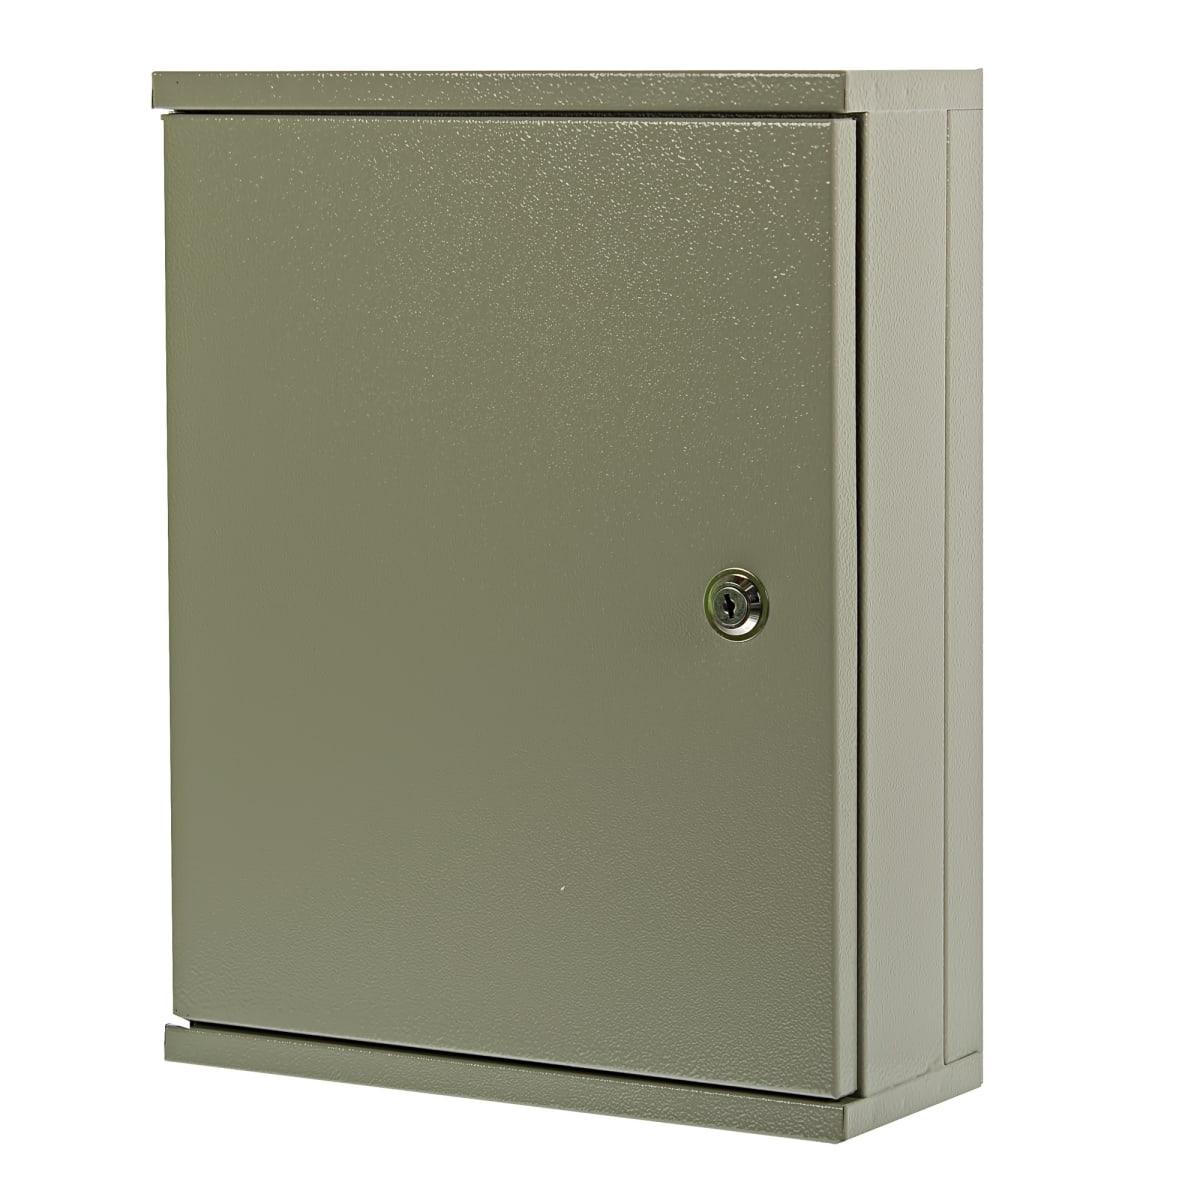 Ящик офисный с DIN-рейкой Мэк 395x310x120 мм, металлический